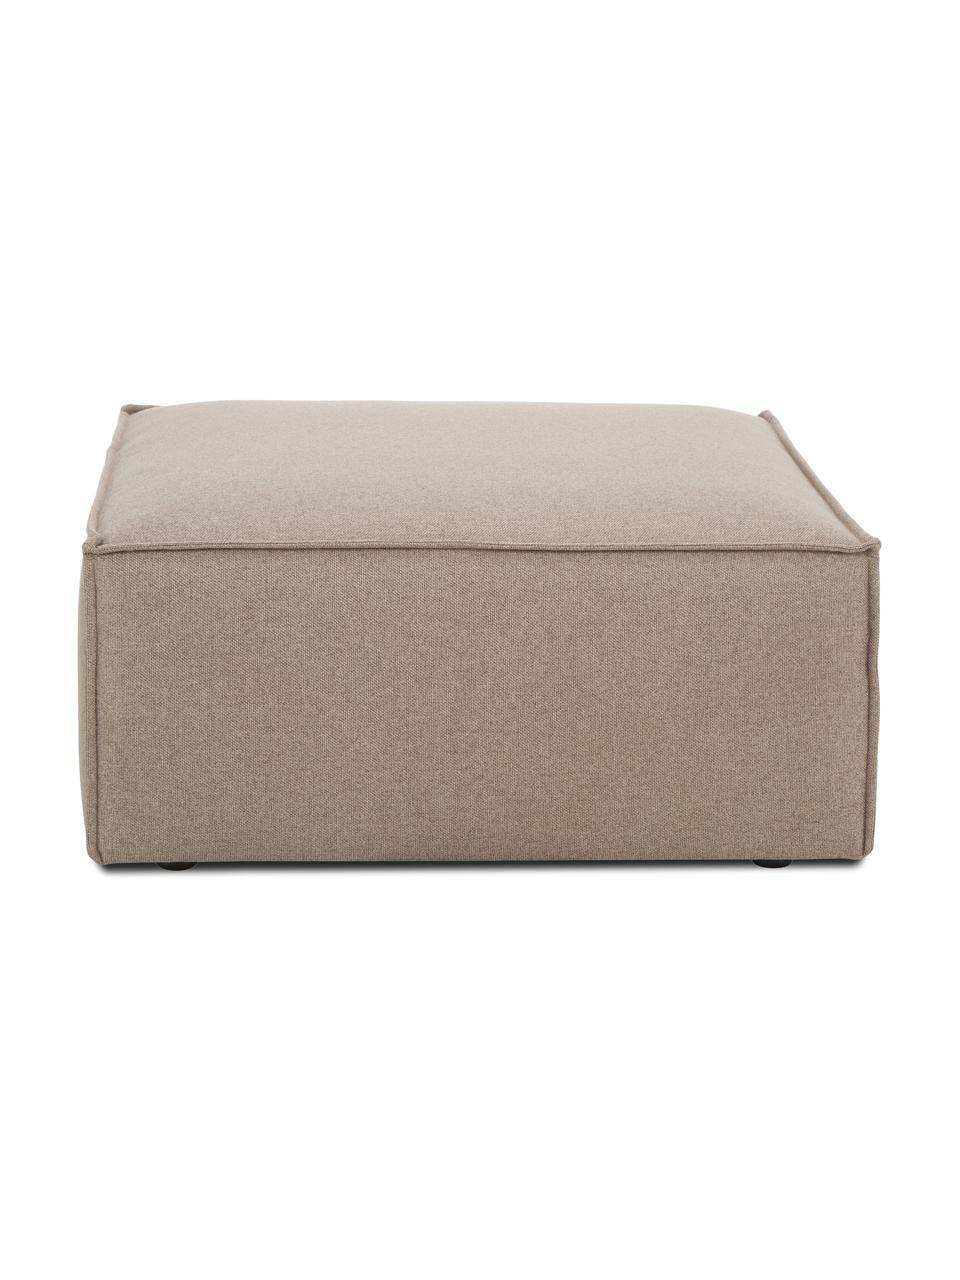 Sofa-Hocker Lennon in Braun, Bezug: 100% Polyester Der strapa, Gestell: Massives Kiefernholz, Spe, Füße: Kunststoff Die Füße befin, Webstoff Braun, 88 x 43 cm